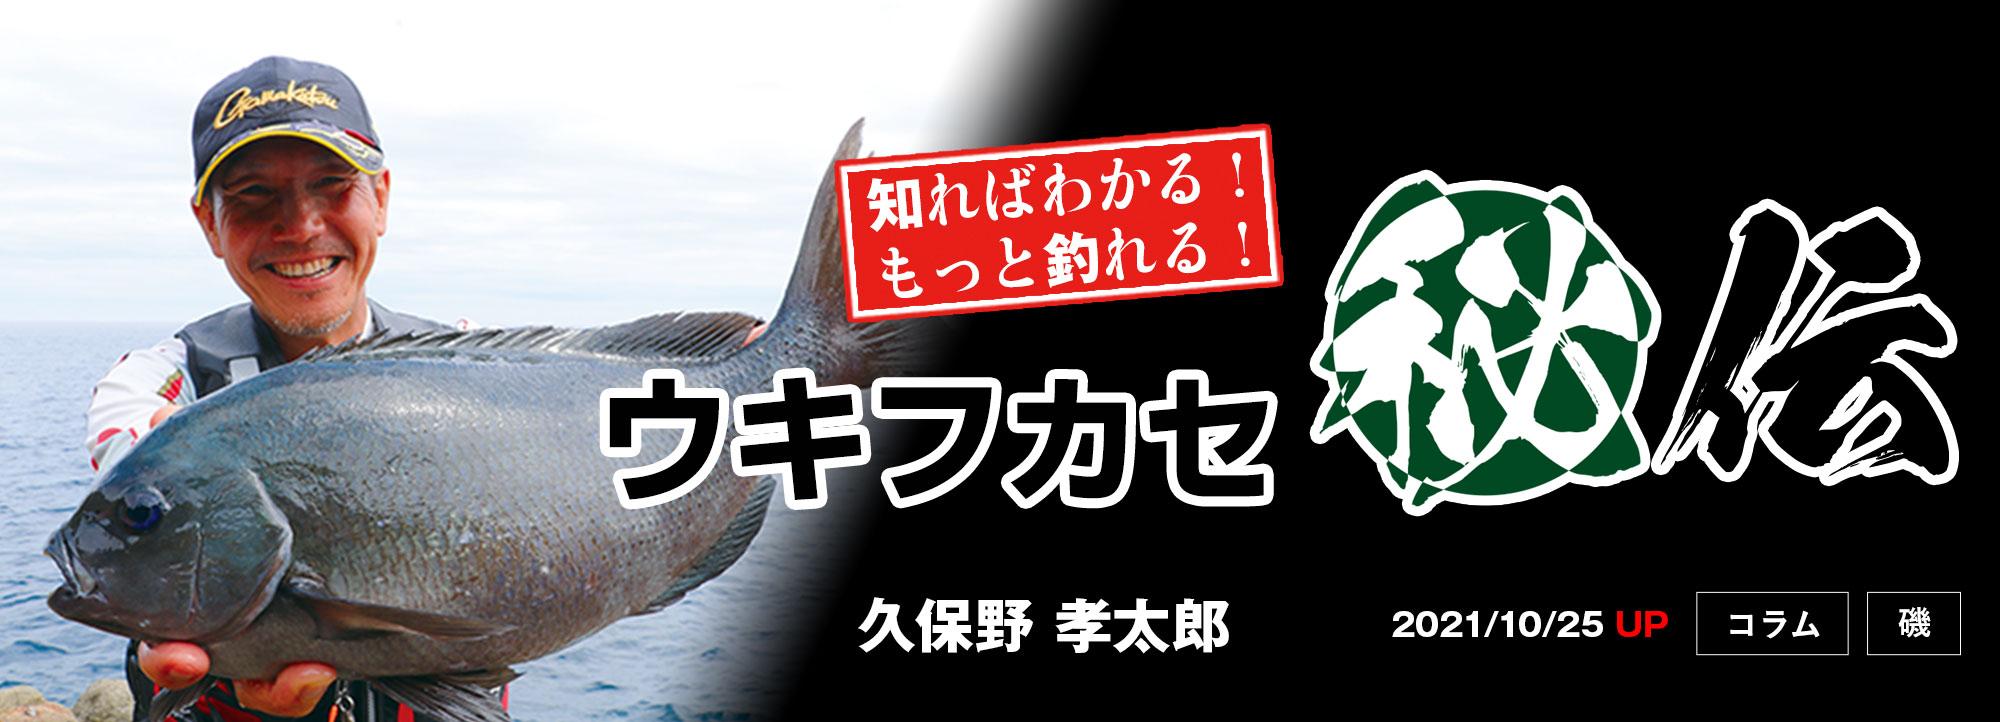 久保野孝太郎「ウキフカセ秘伝」